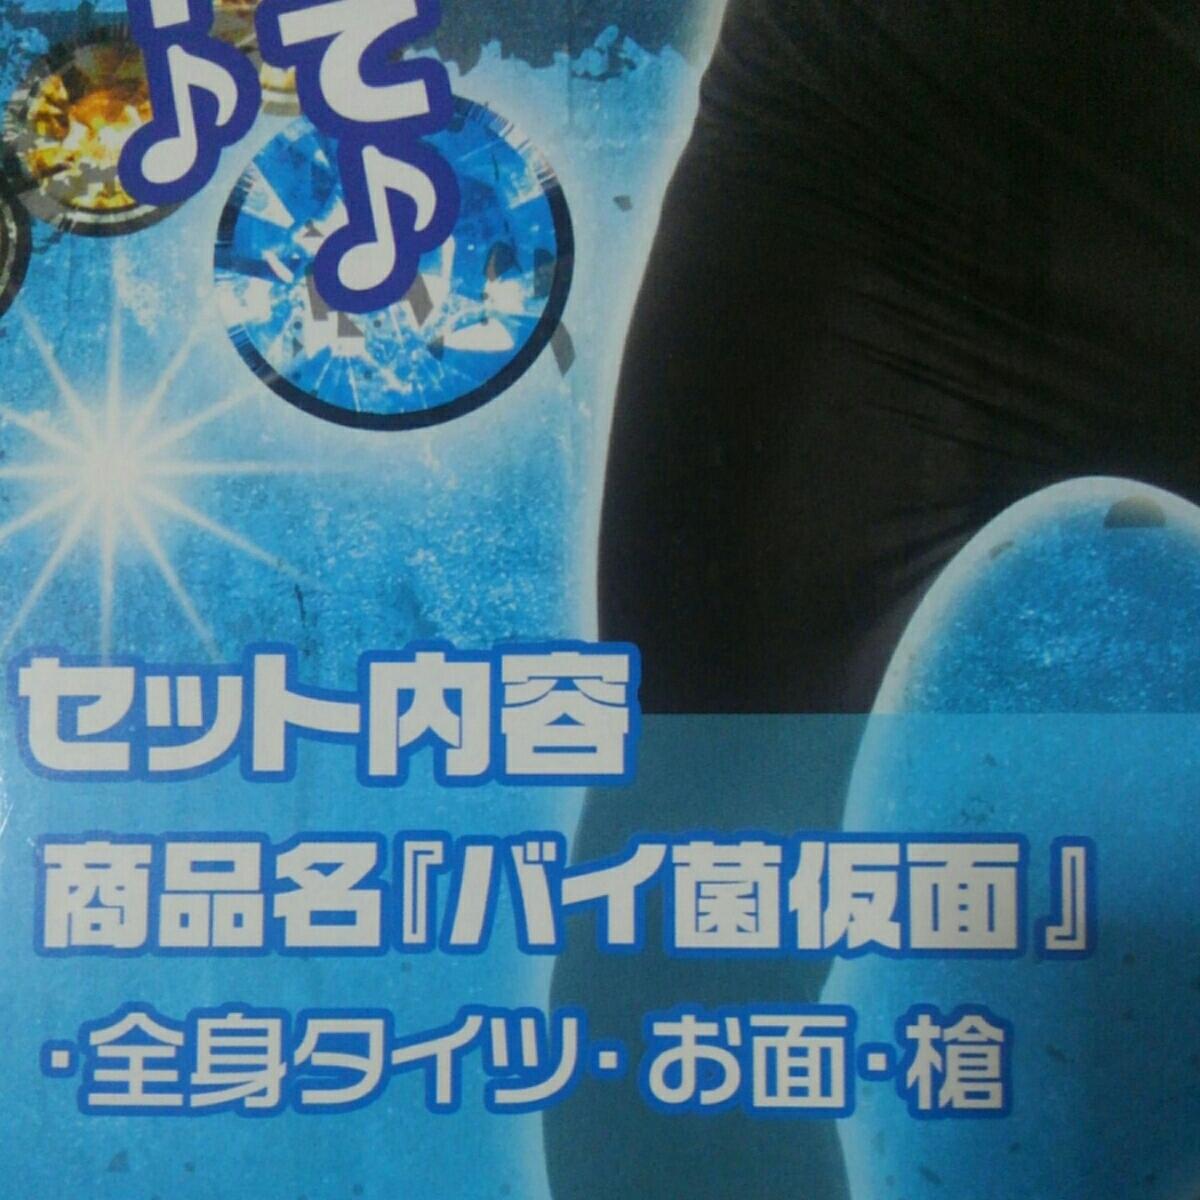 新品!コスプレ☆悪魔に!お面、槍付き♪Mサイズ☆黒全身タイツ☆ハロウィンに!バイ菌仮面☆_画像2